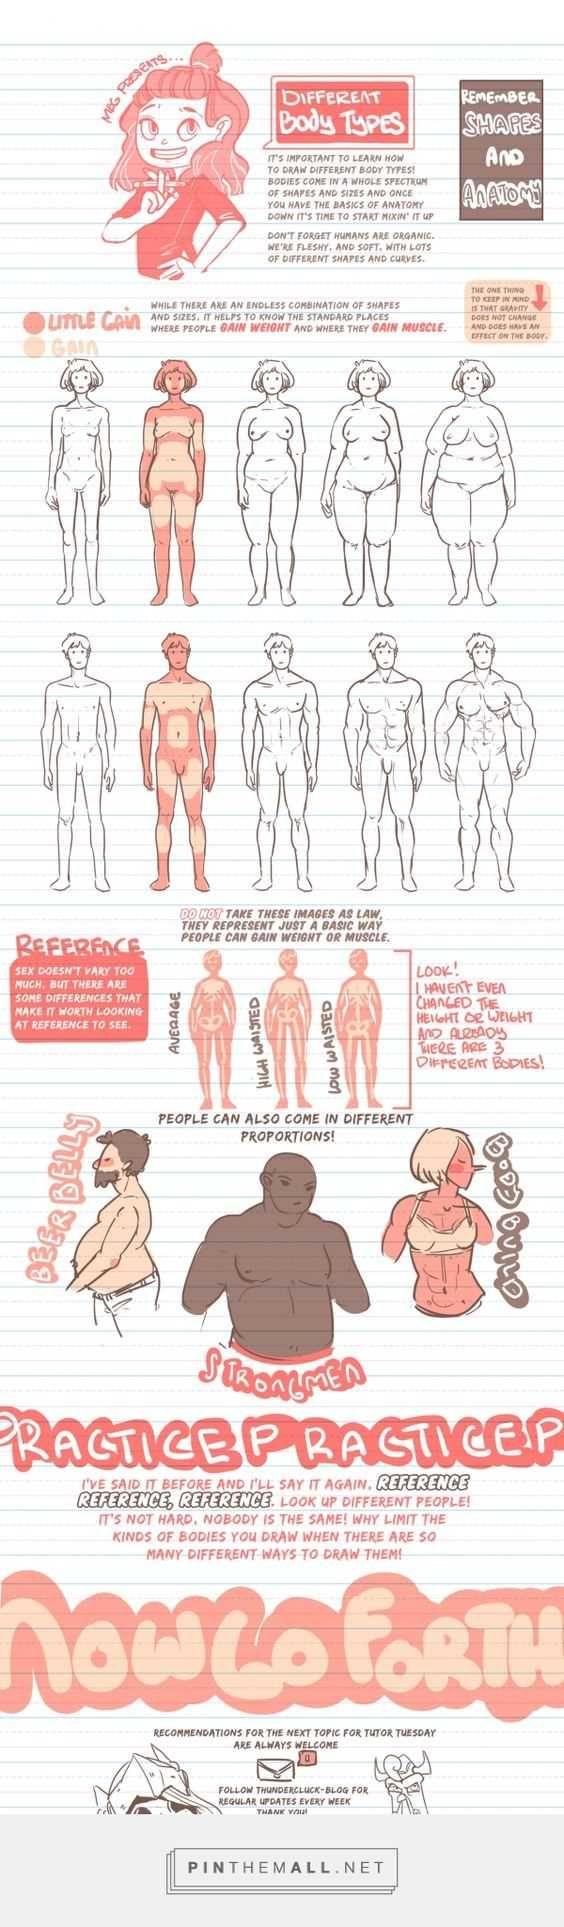 Tutoriais & Guias - Corpos gordos | art (body) | Pinterest | Anatomy ...